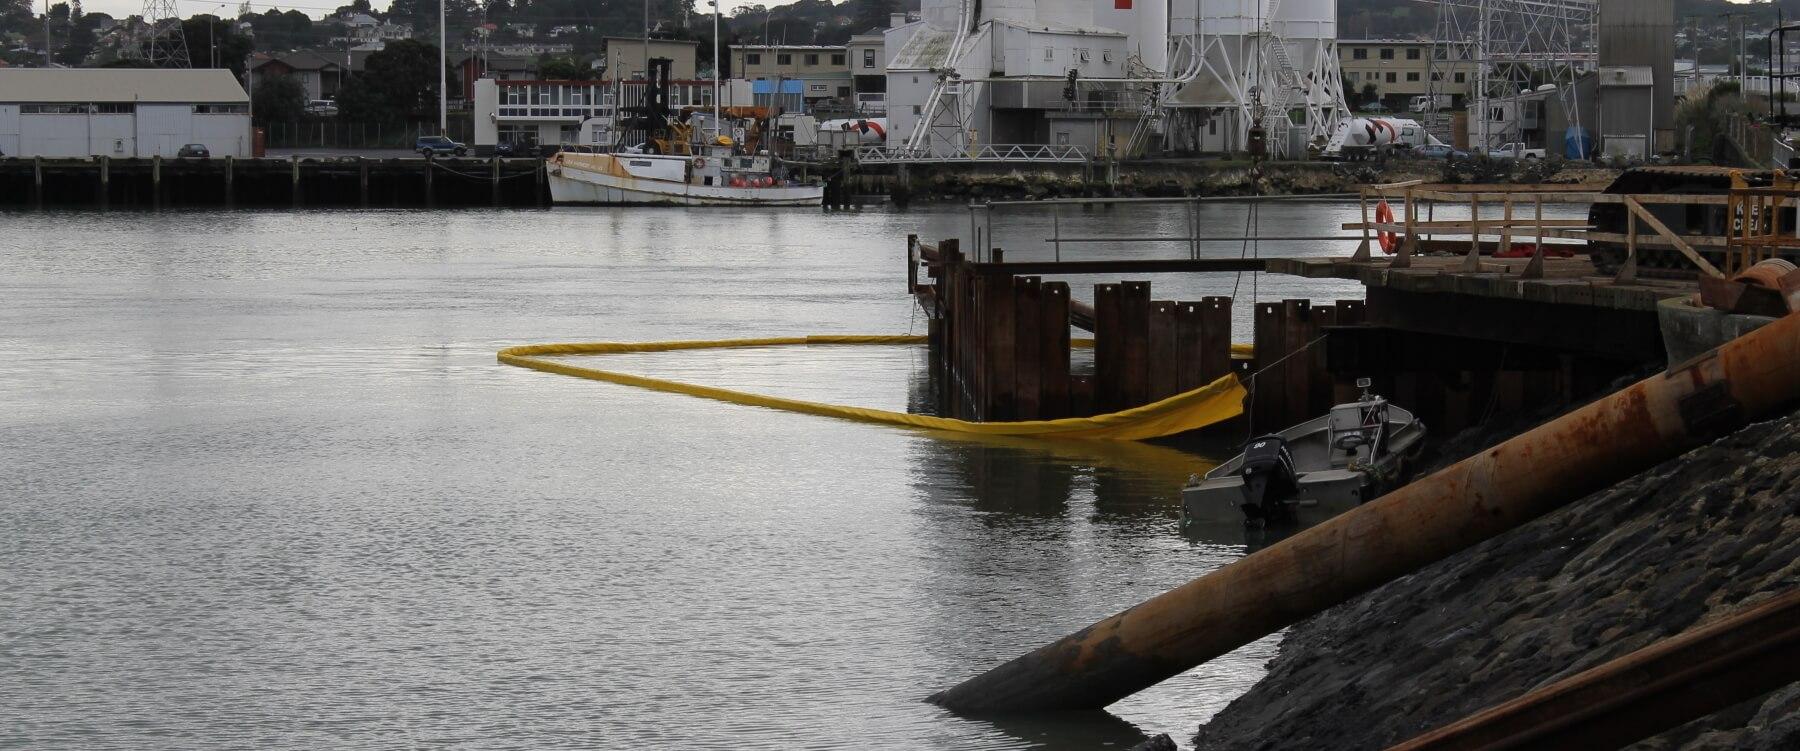 EnviroSieve Dock